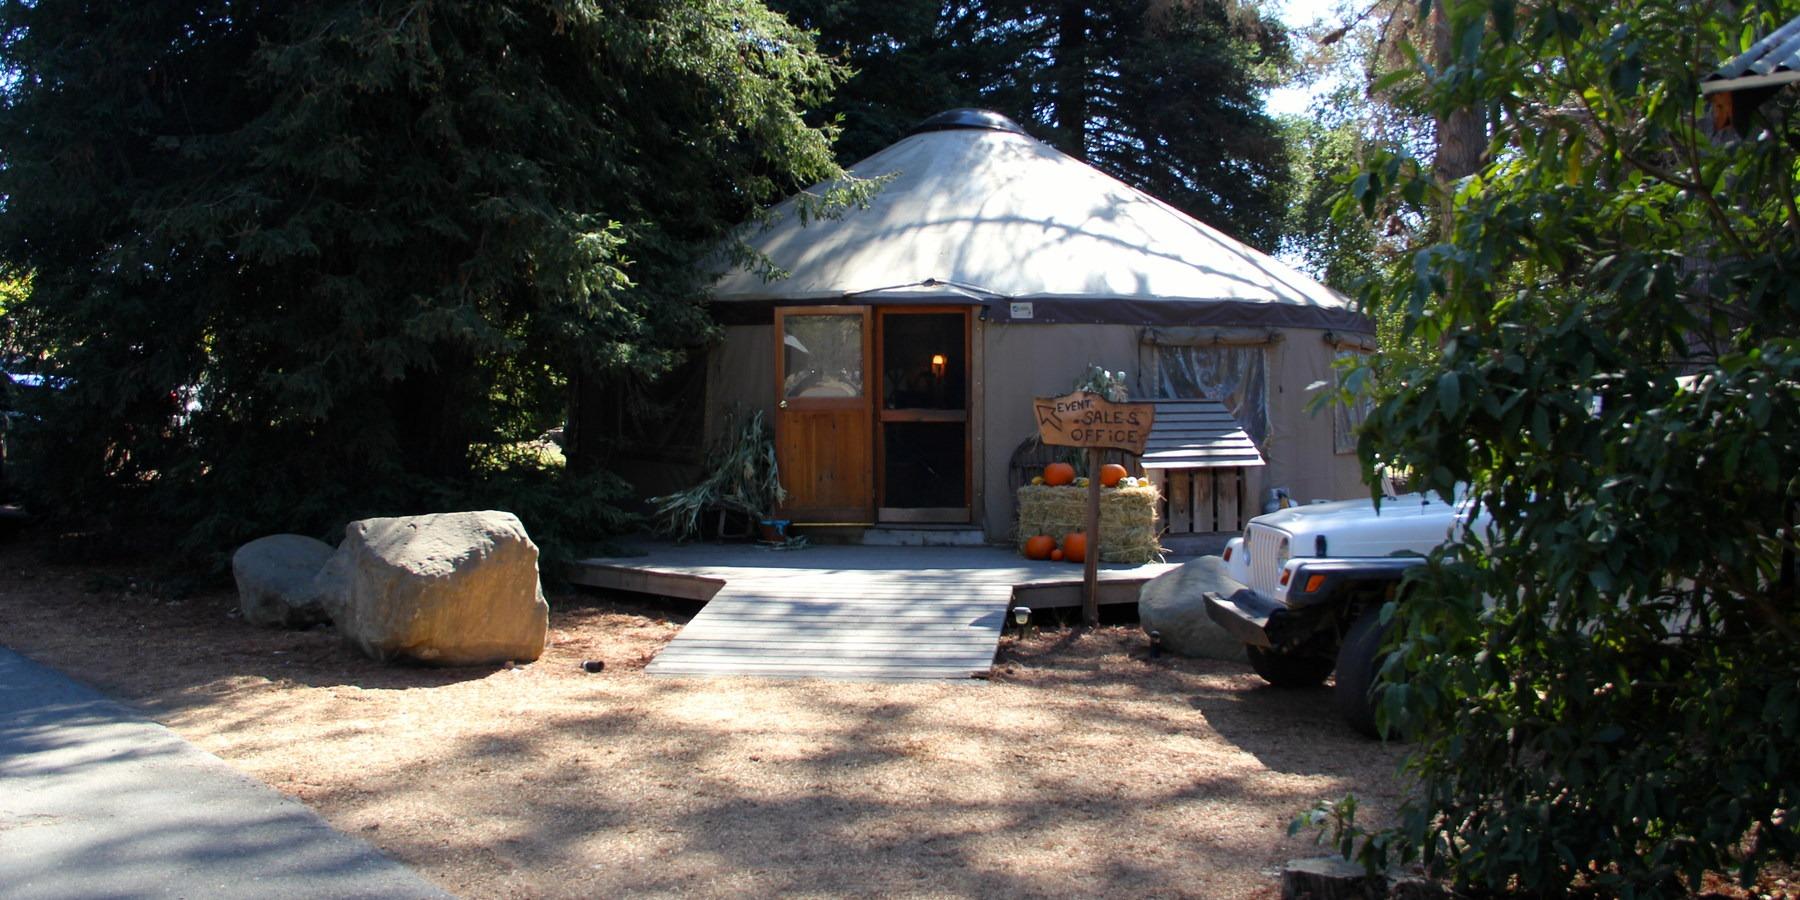 El Capitan Canyon Nature Resort - lodging in California